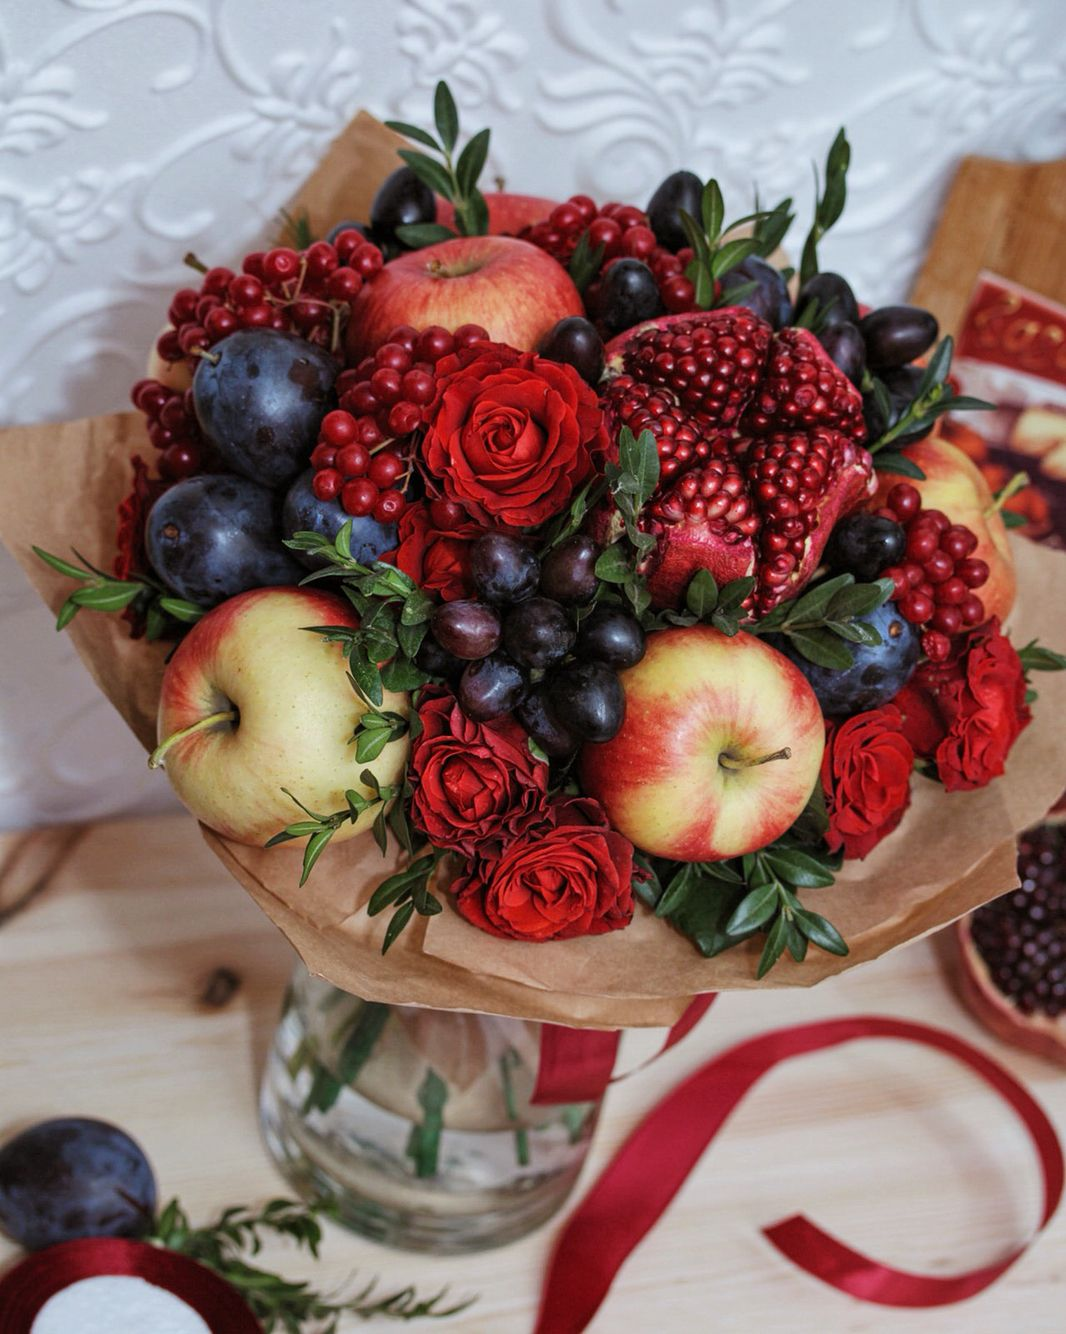 307dc5d8 Букет с ароматом осени! Яблоко, виноград, слива, калина, гранат и роза -  идеальное сочетание цвета!